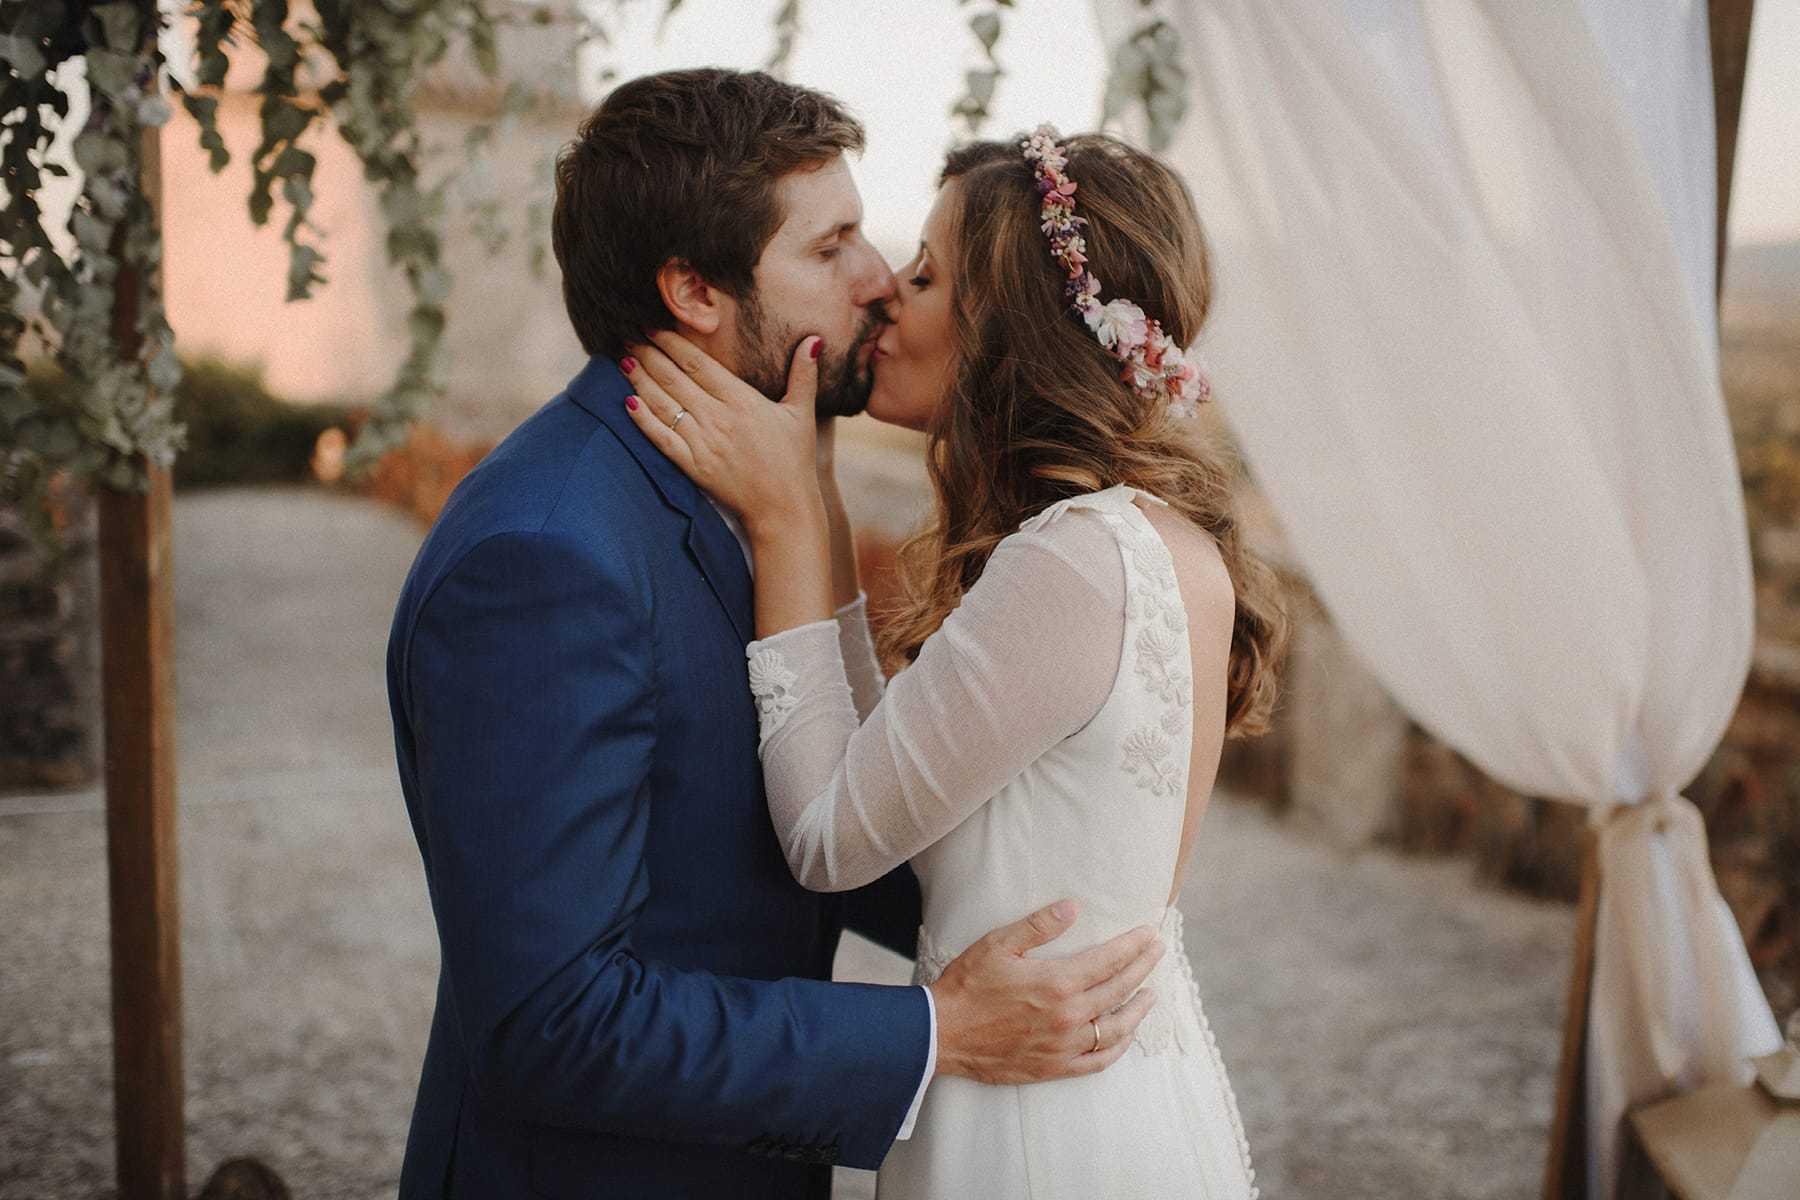 Novios besándose apasionadamente bajo un arco de flores